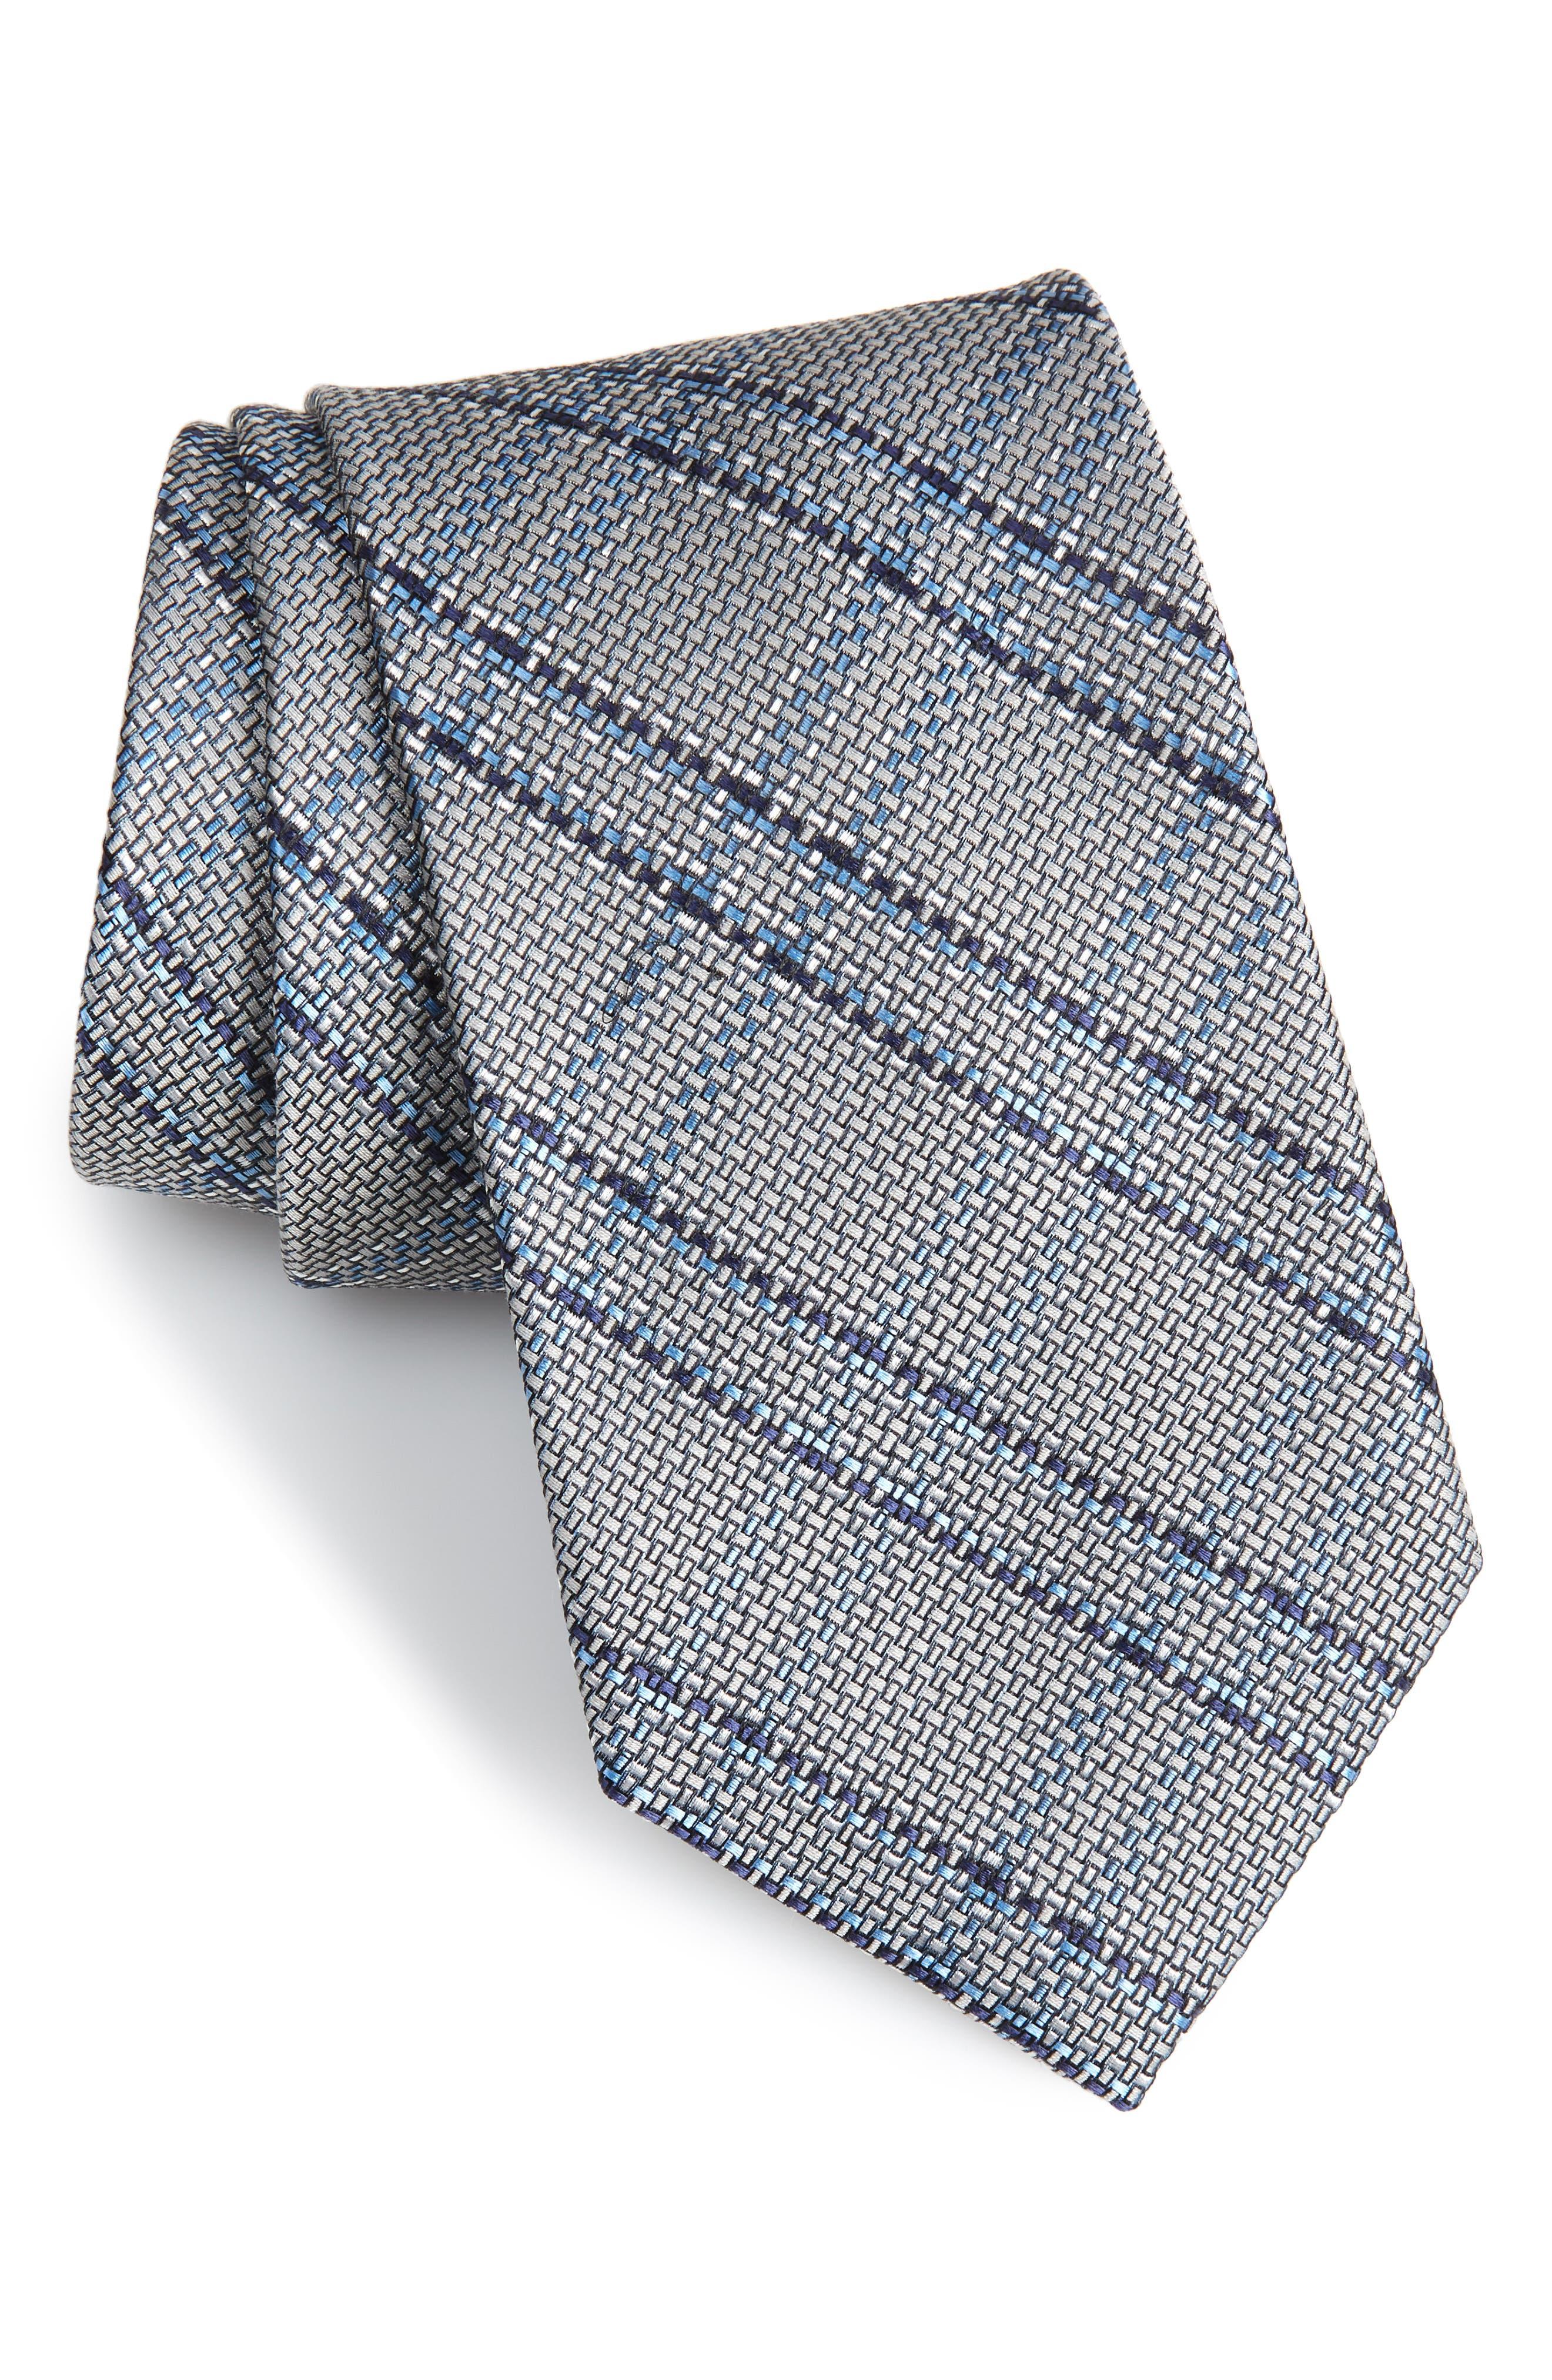 Tasker Plaid Silk & Cotton Tie,                             Main thumbnail 1, color,                             040